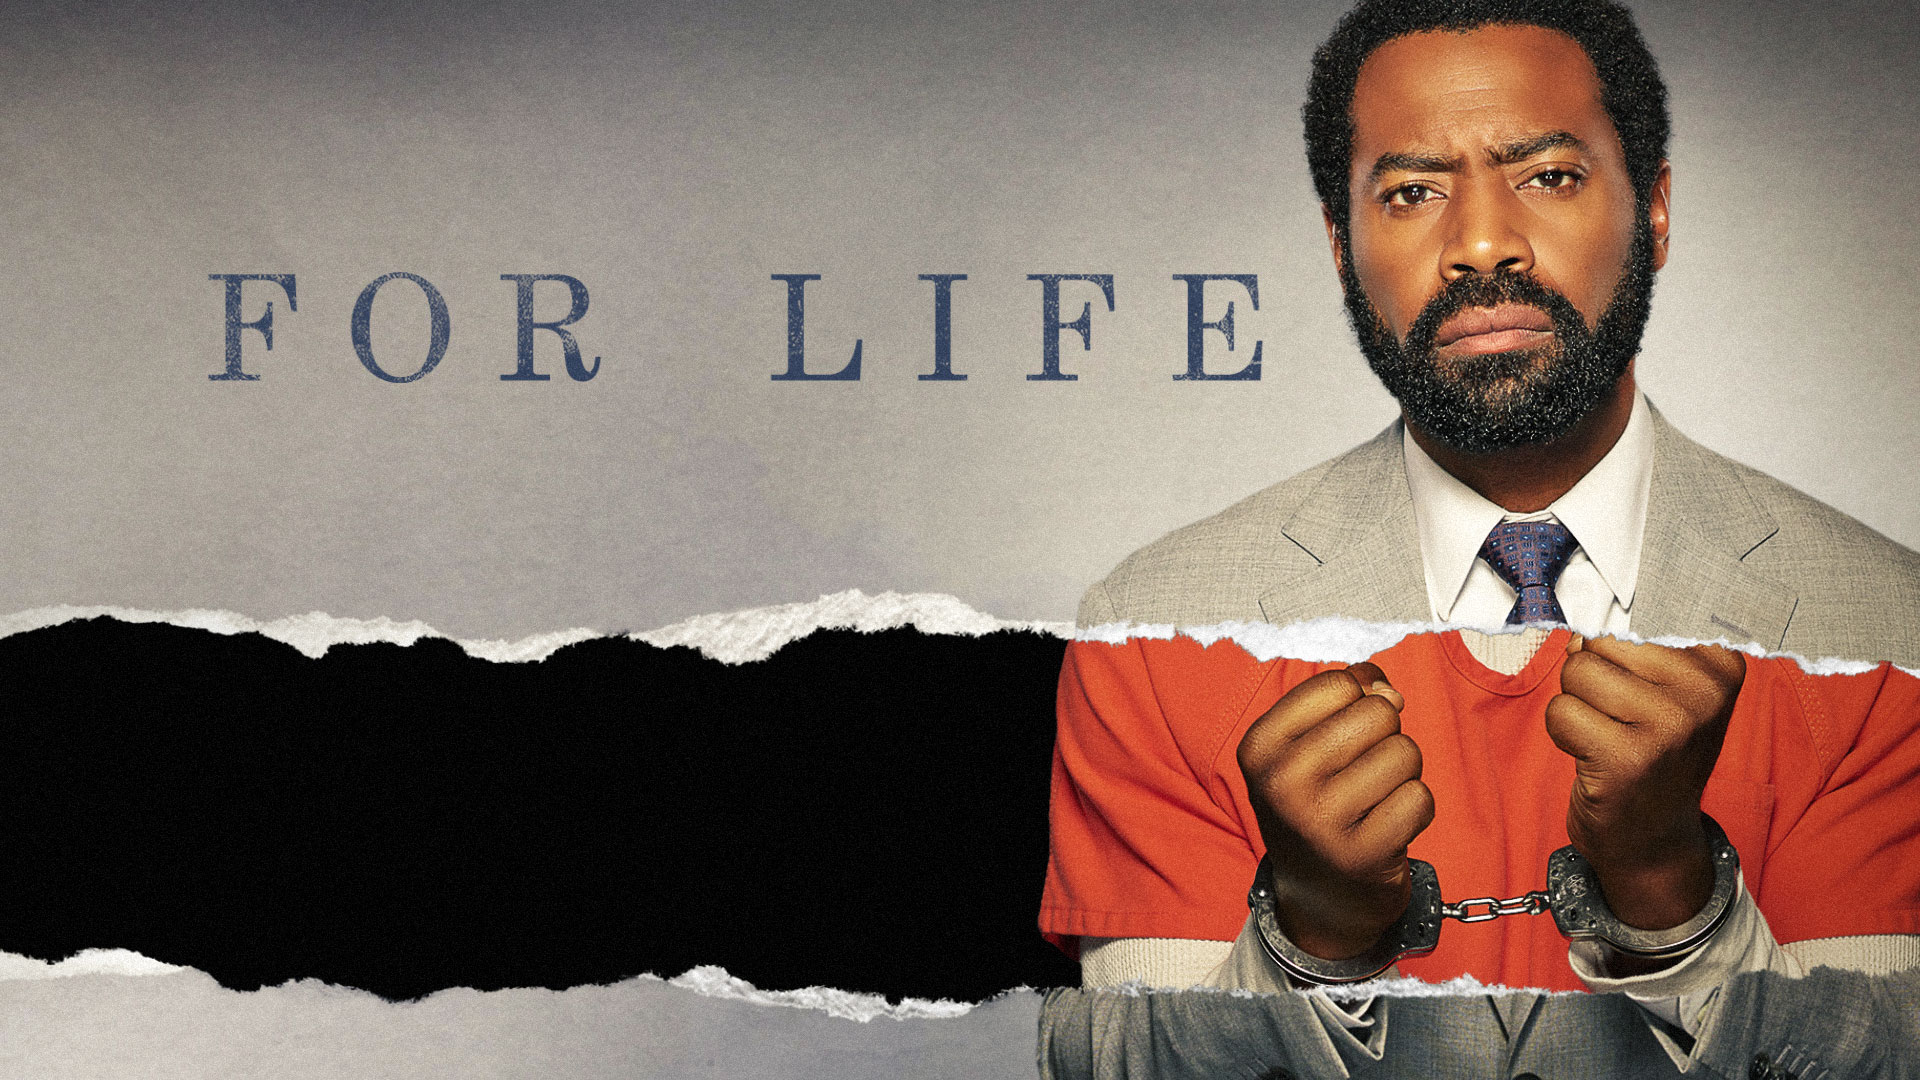 For Life verschijnt eind deze maand op Videoland